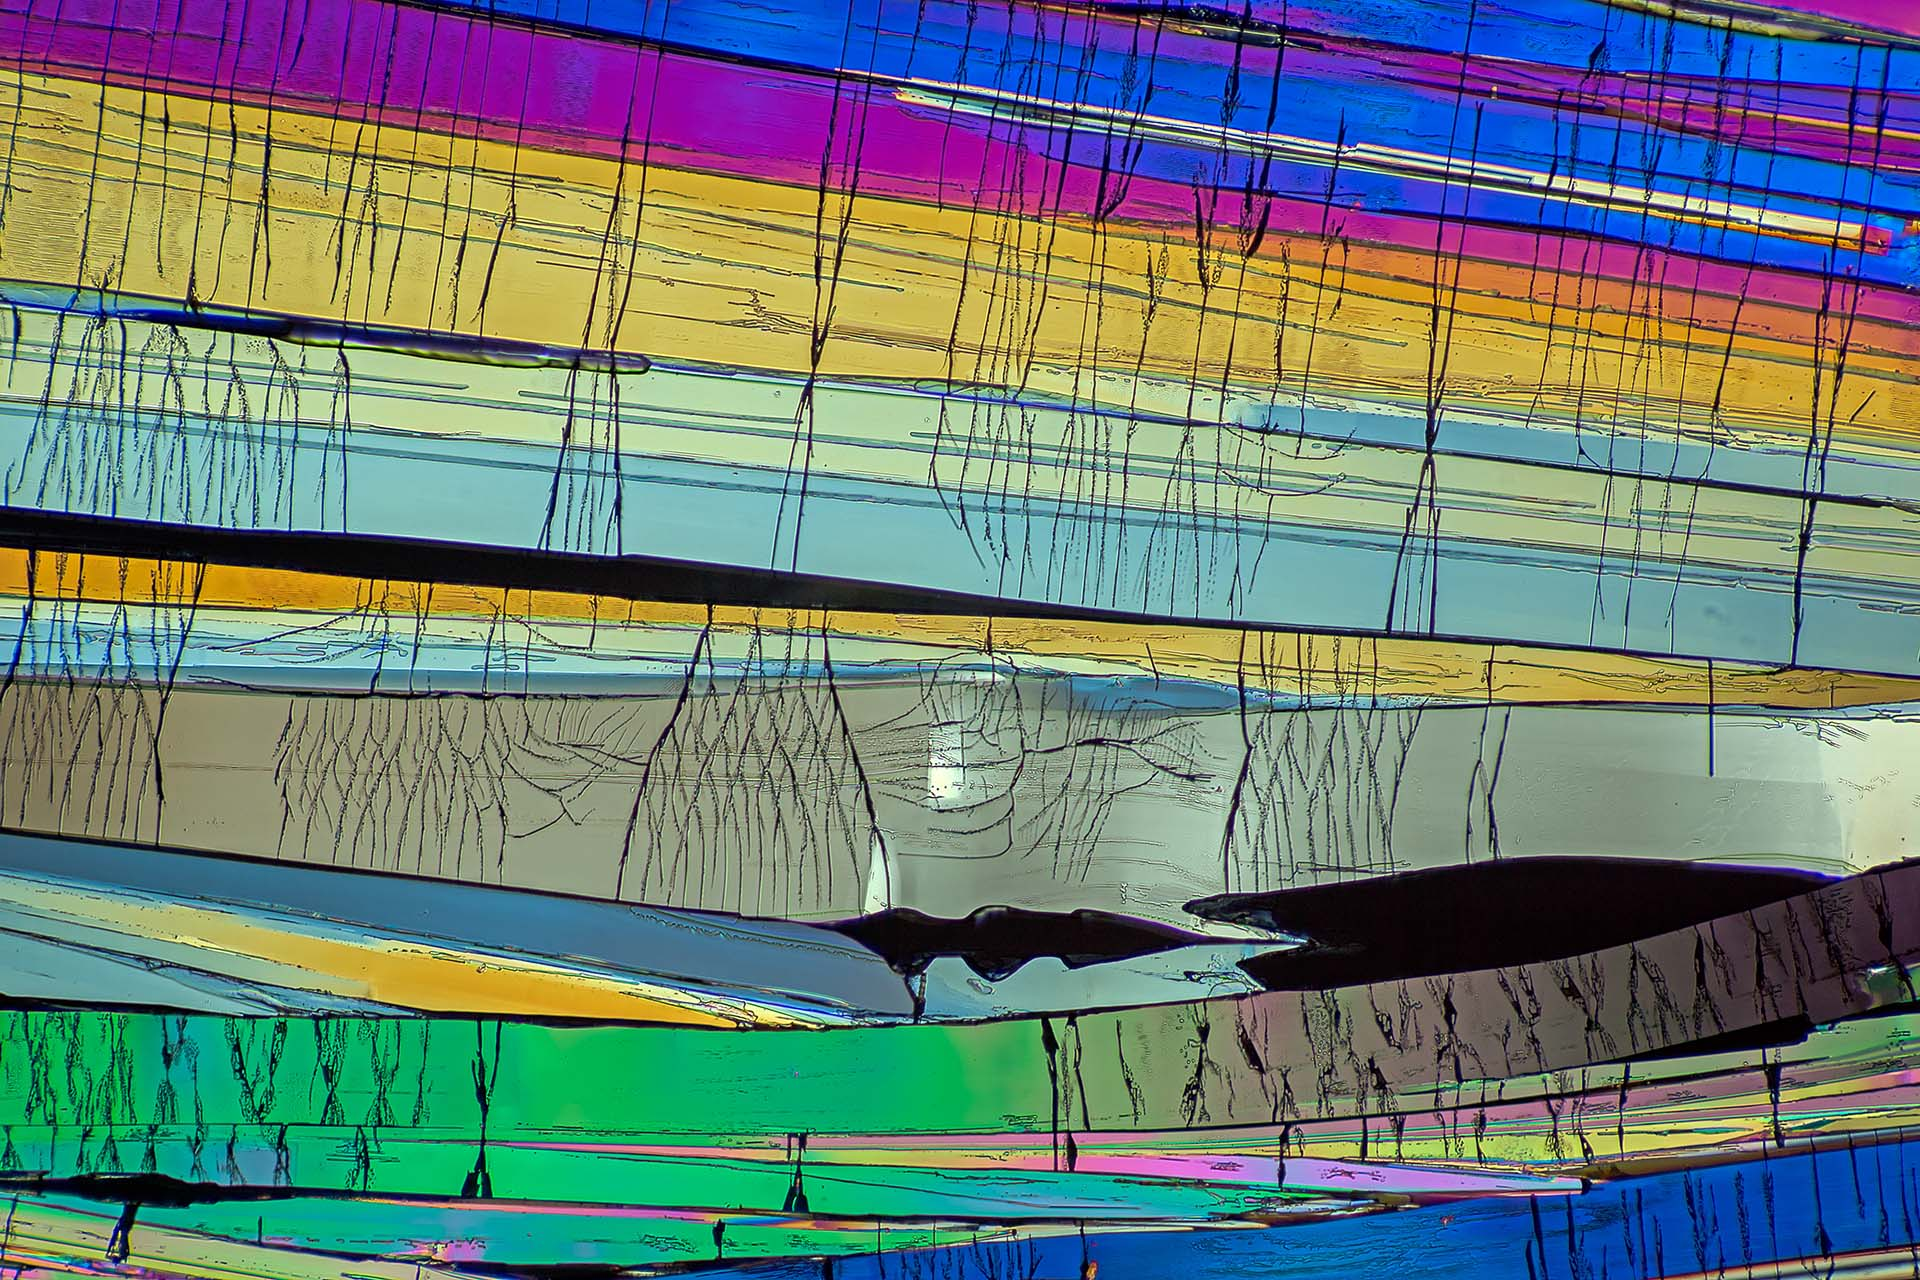 Benzoesäure in einer Vergrößerung von 120:1, Mikro Kristall im polarisierten Licht.